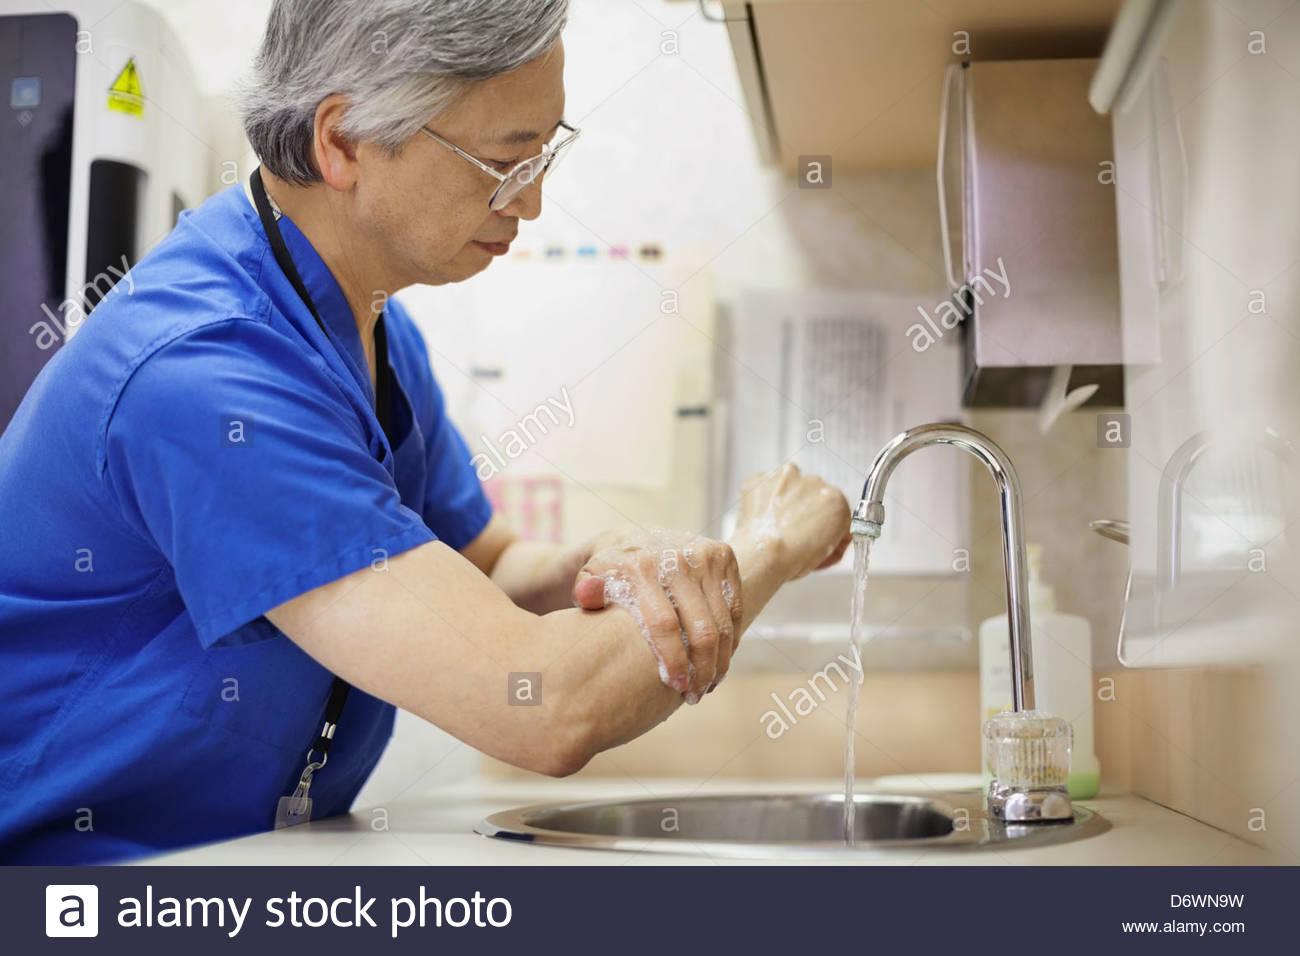 Vue latérale du médecin homme lave-mains Photo Stock